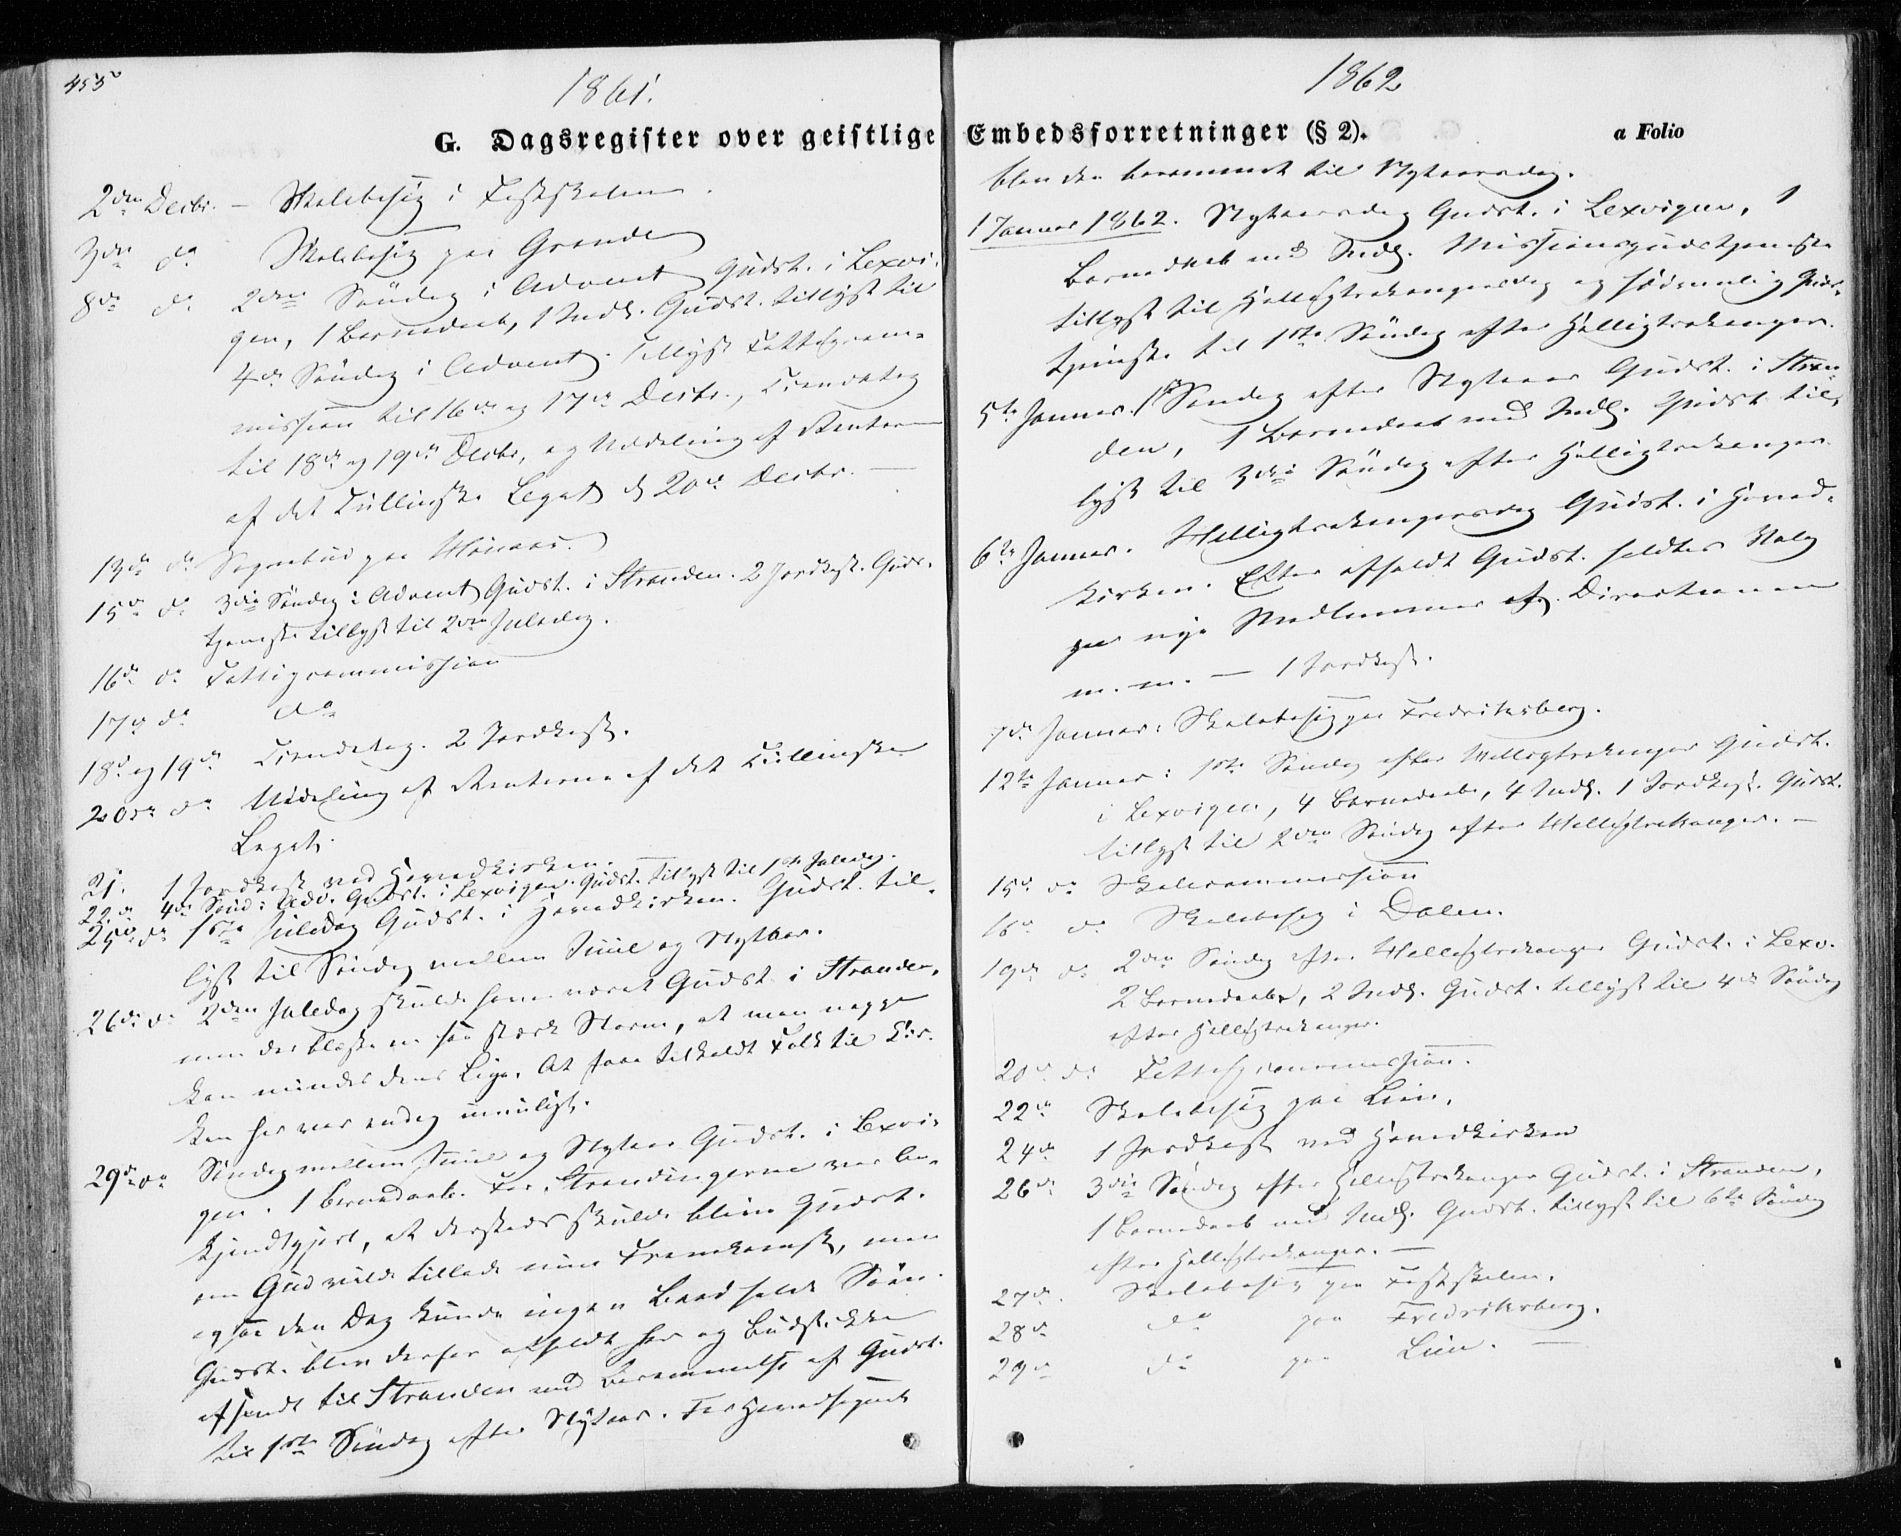 SAT, Ministerialprotokoller, klokkerbøker og fødselsregistre - Nord-Trøndelag, 701/L0008: Ministerialbok nr. 701A08 /1, 1854-1863, s. 455